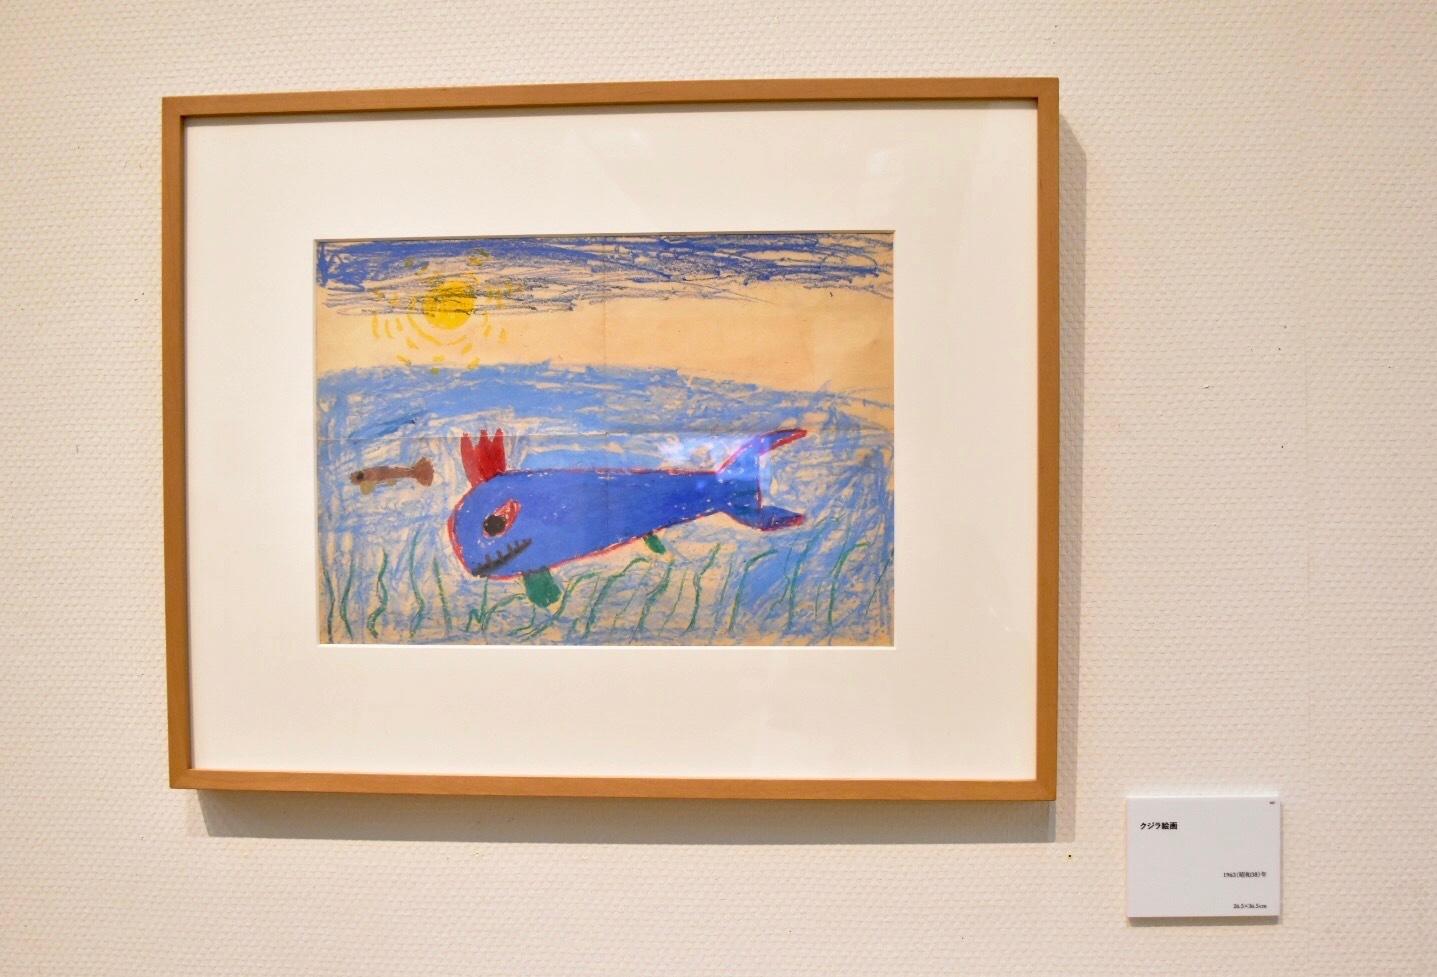 クジラ絵画 1963年